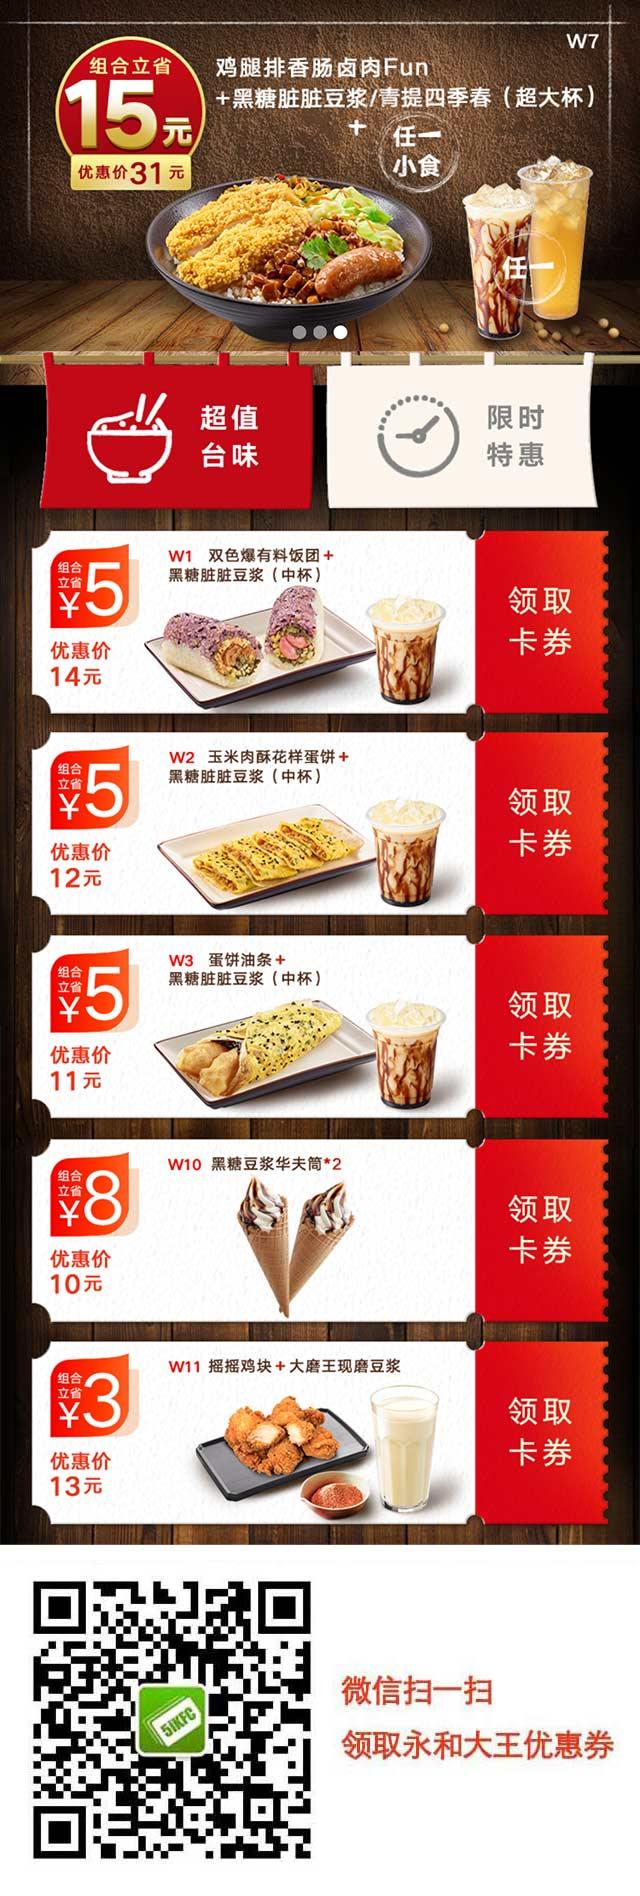 优惠券图片:永和大王豆浆甜筒优惠券2019年5月至10月卡券领取 有效期2019年05月28日-2019年10月14日